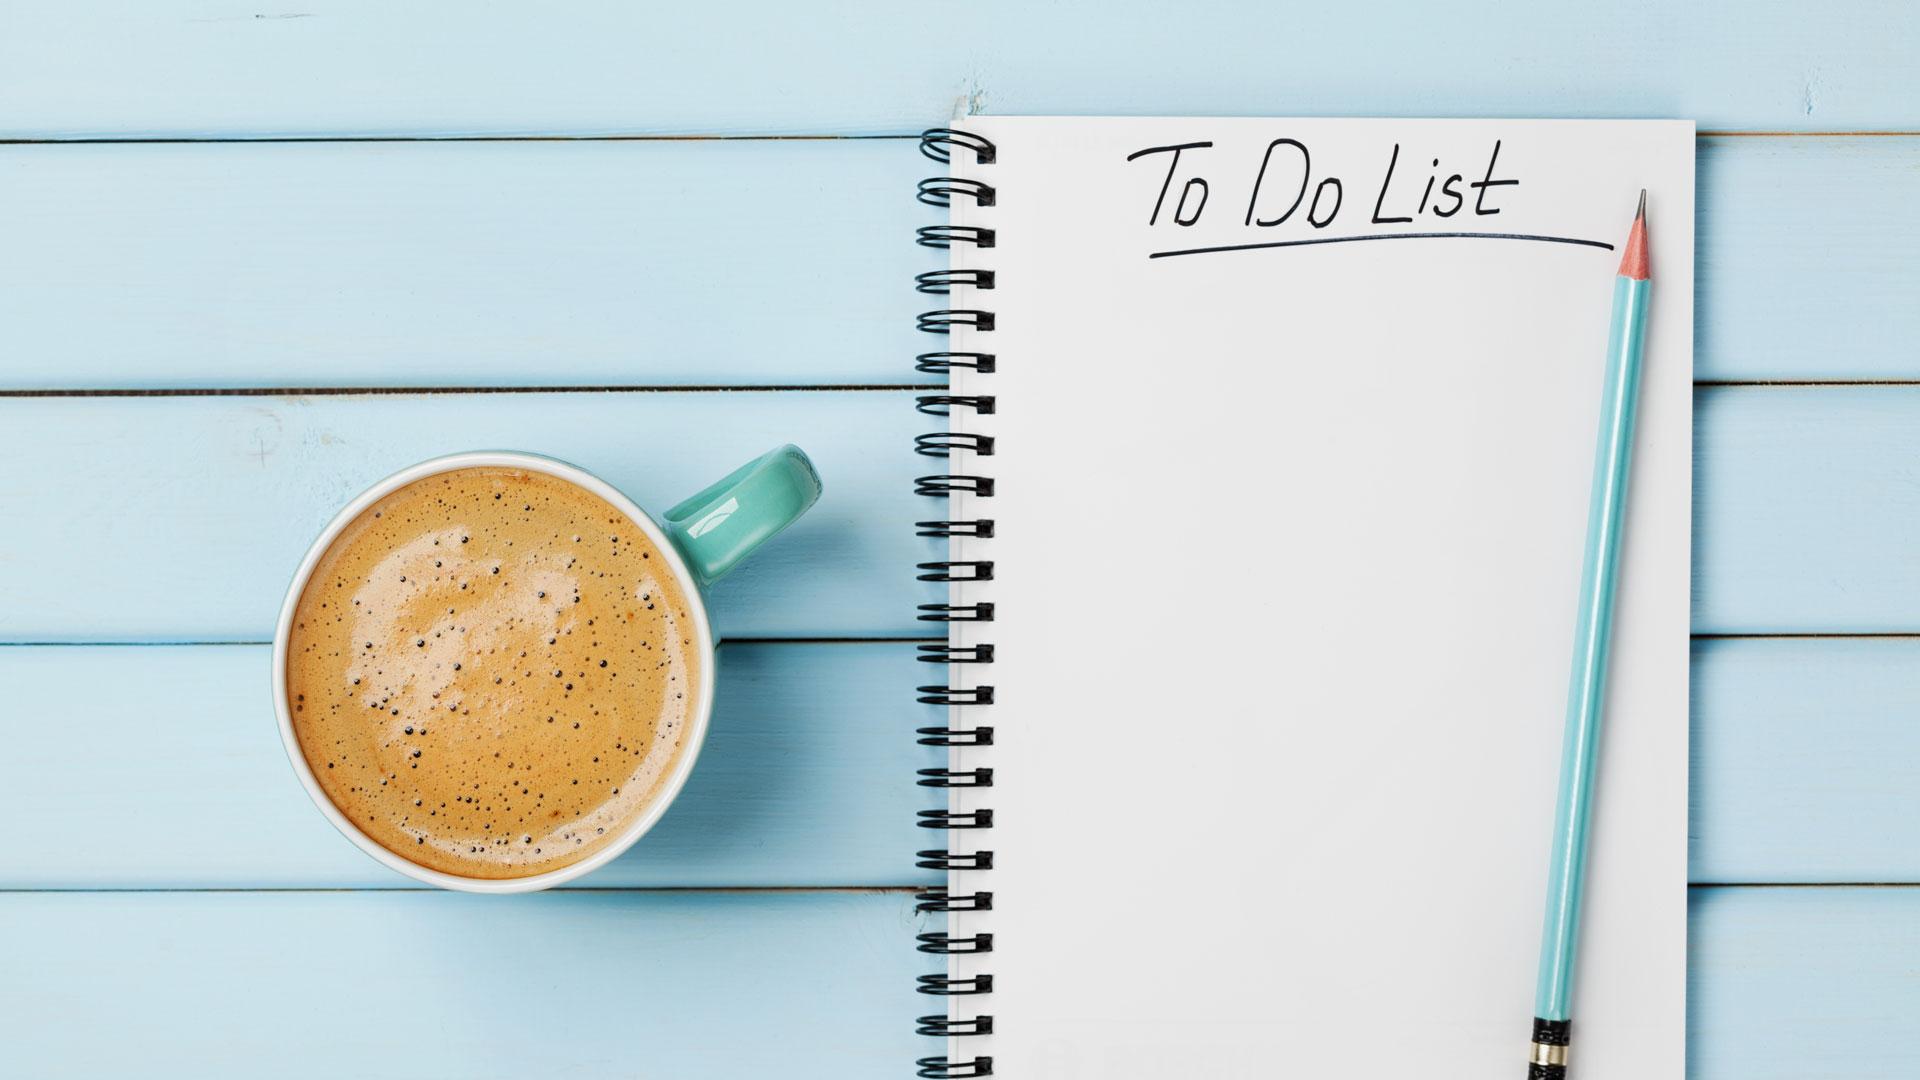 Te encantan las listas, pero ¿las haces bien?